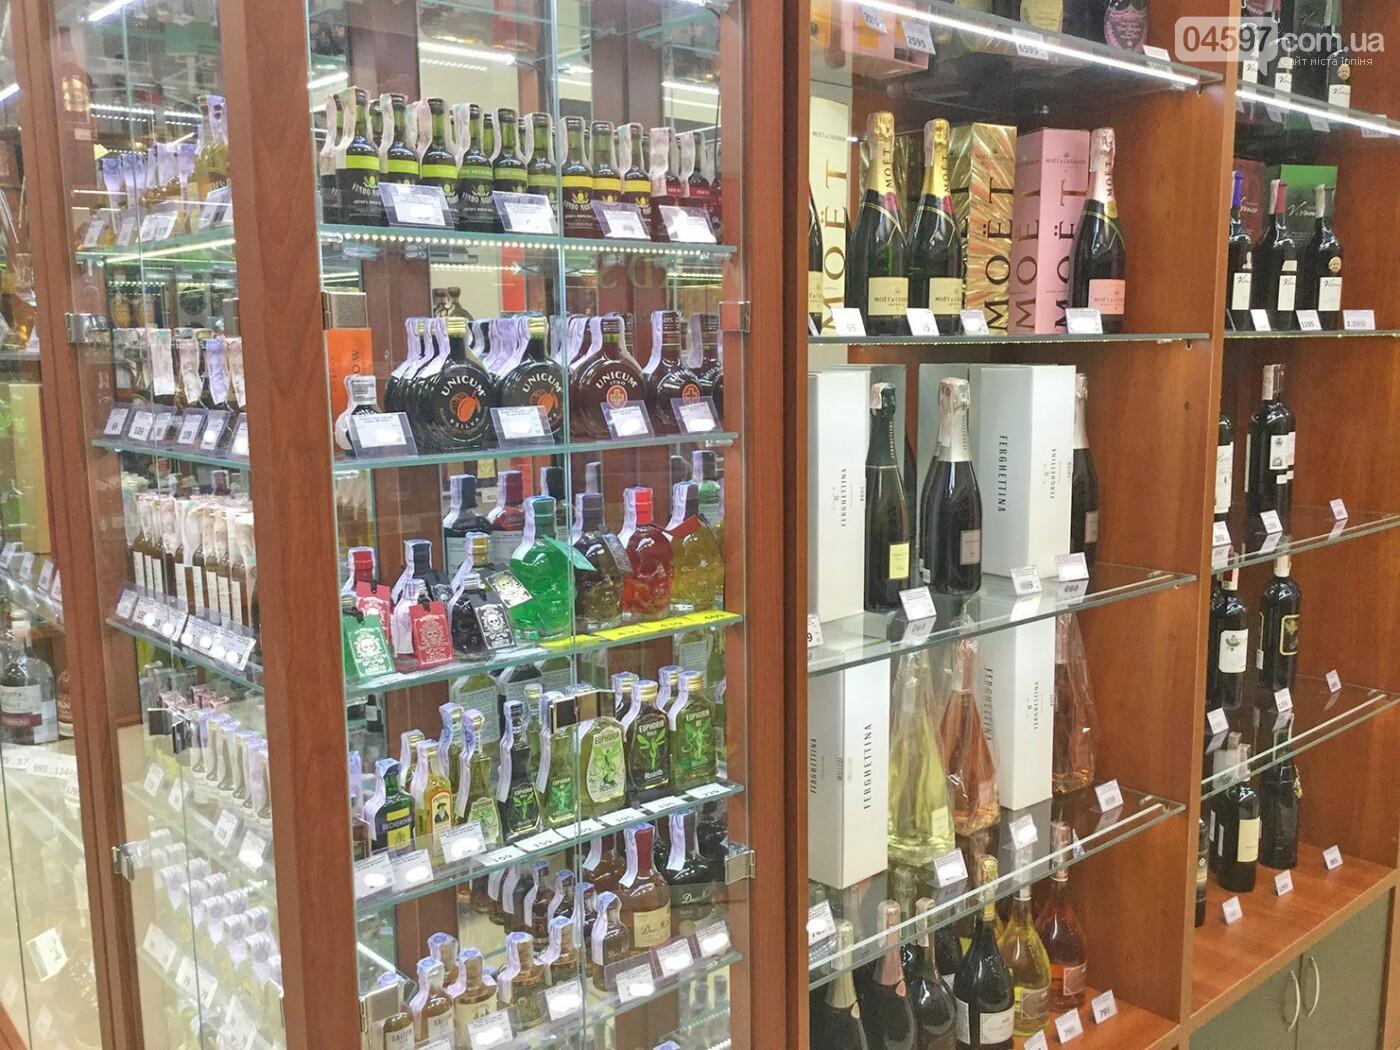 Фірмова крамниця «Вина світу» в Ірпені задовольнить смаки найвибагливіших гурманів!, фото-2